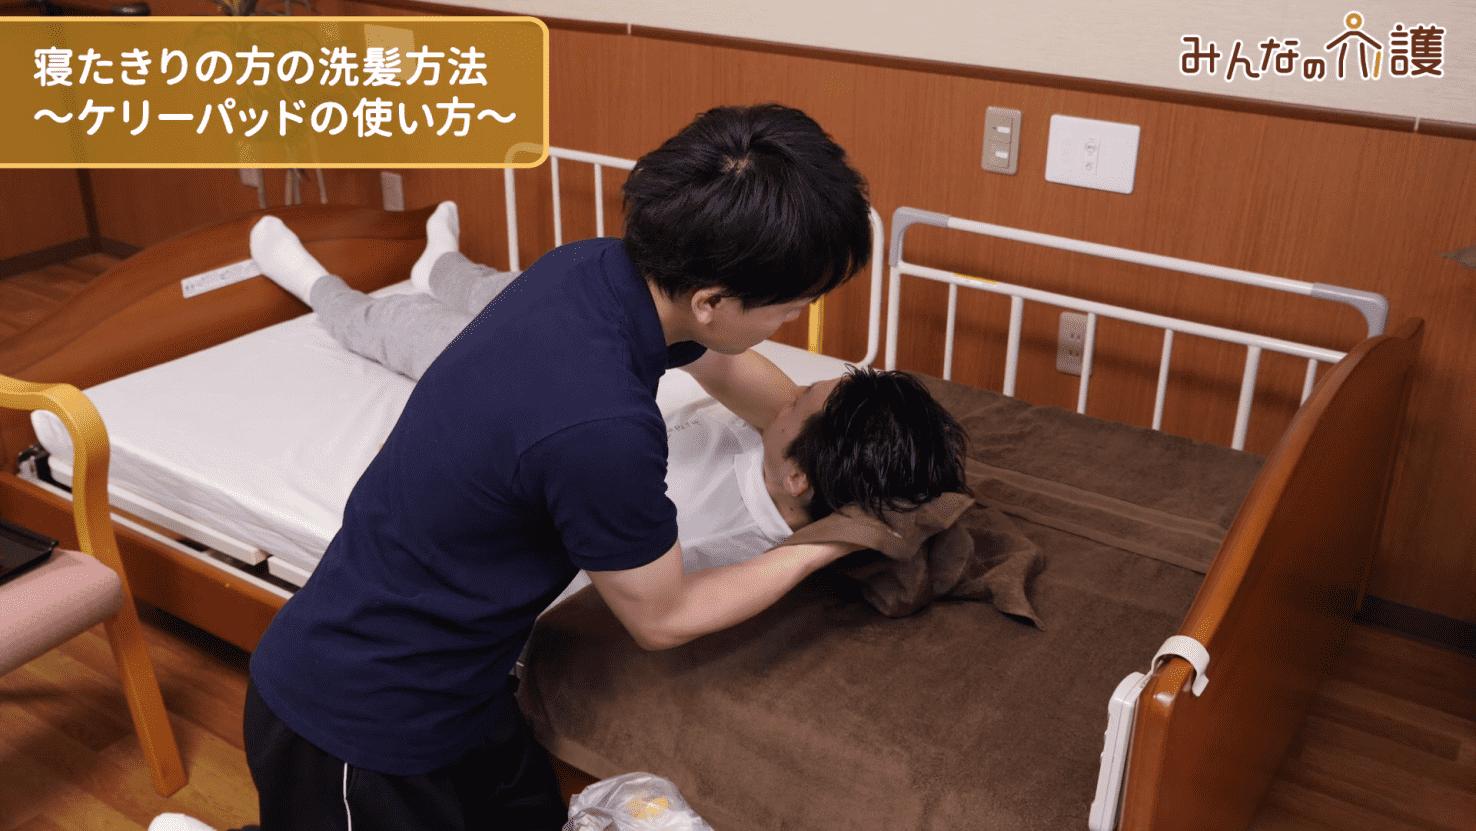 ベッドを濡らさないためにケリーパッドとバケツを活用する